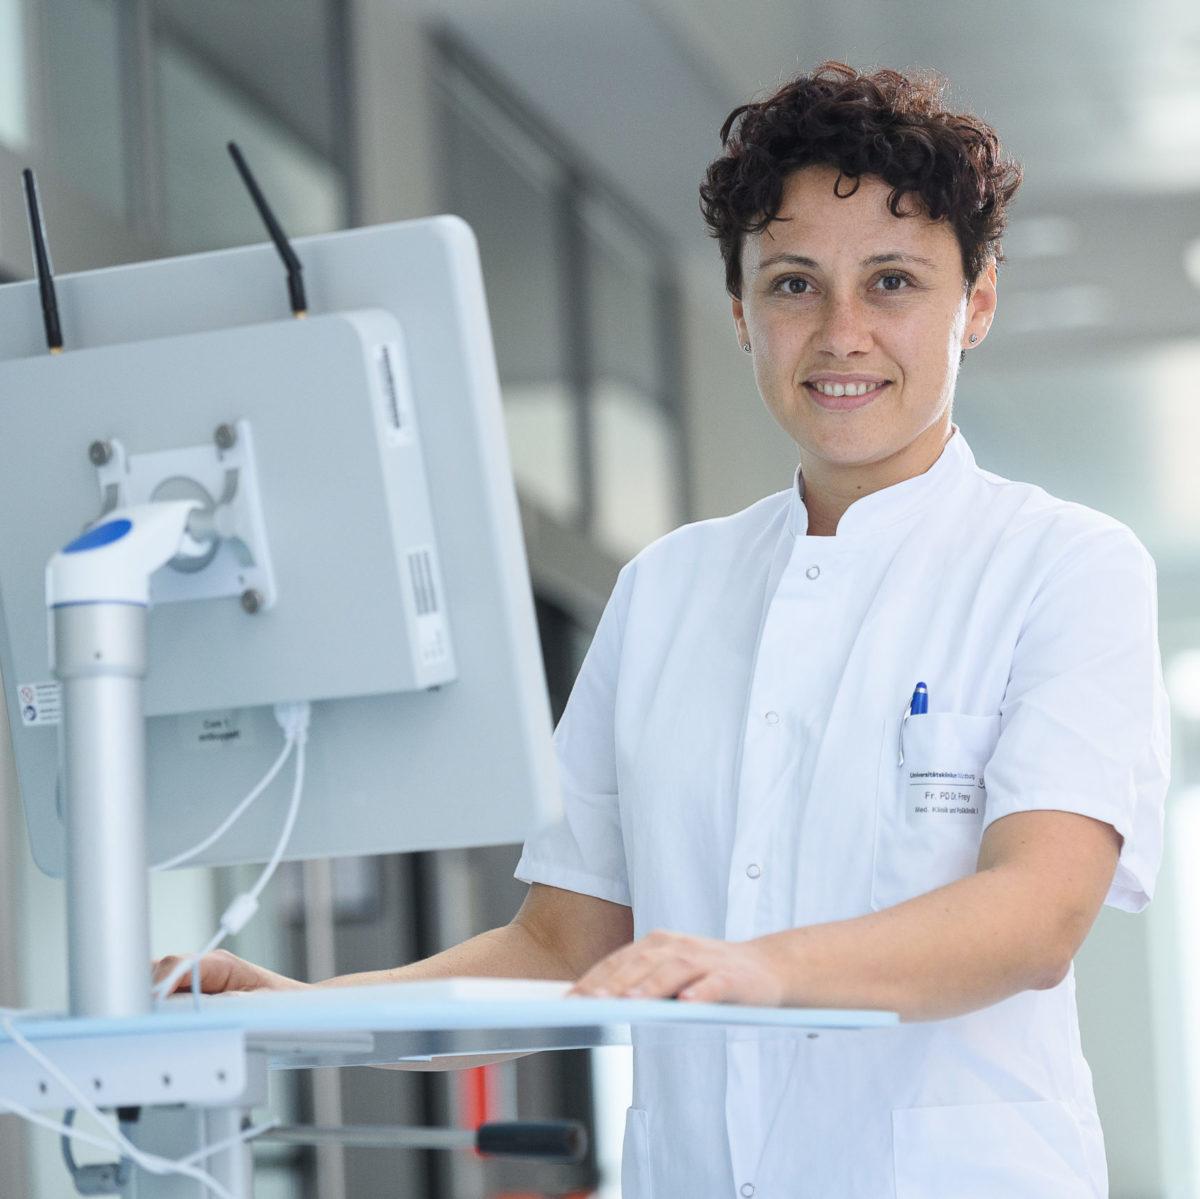 Anna Frey, Stellvertretende Leiterin der internistischen Intensiv- und Notfallmedizin am UKW